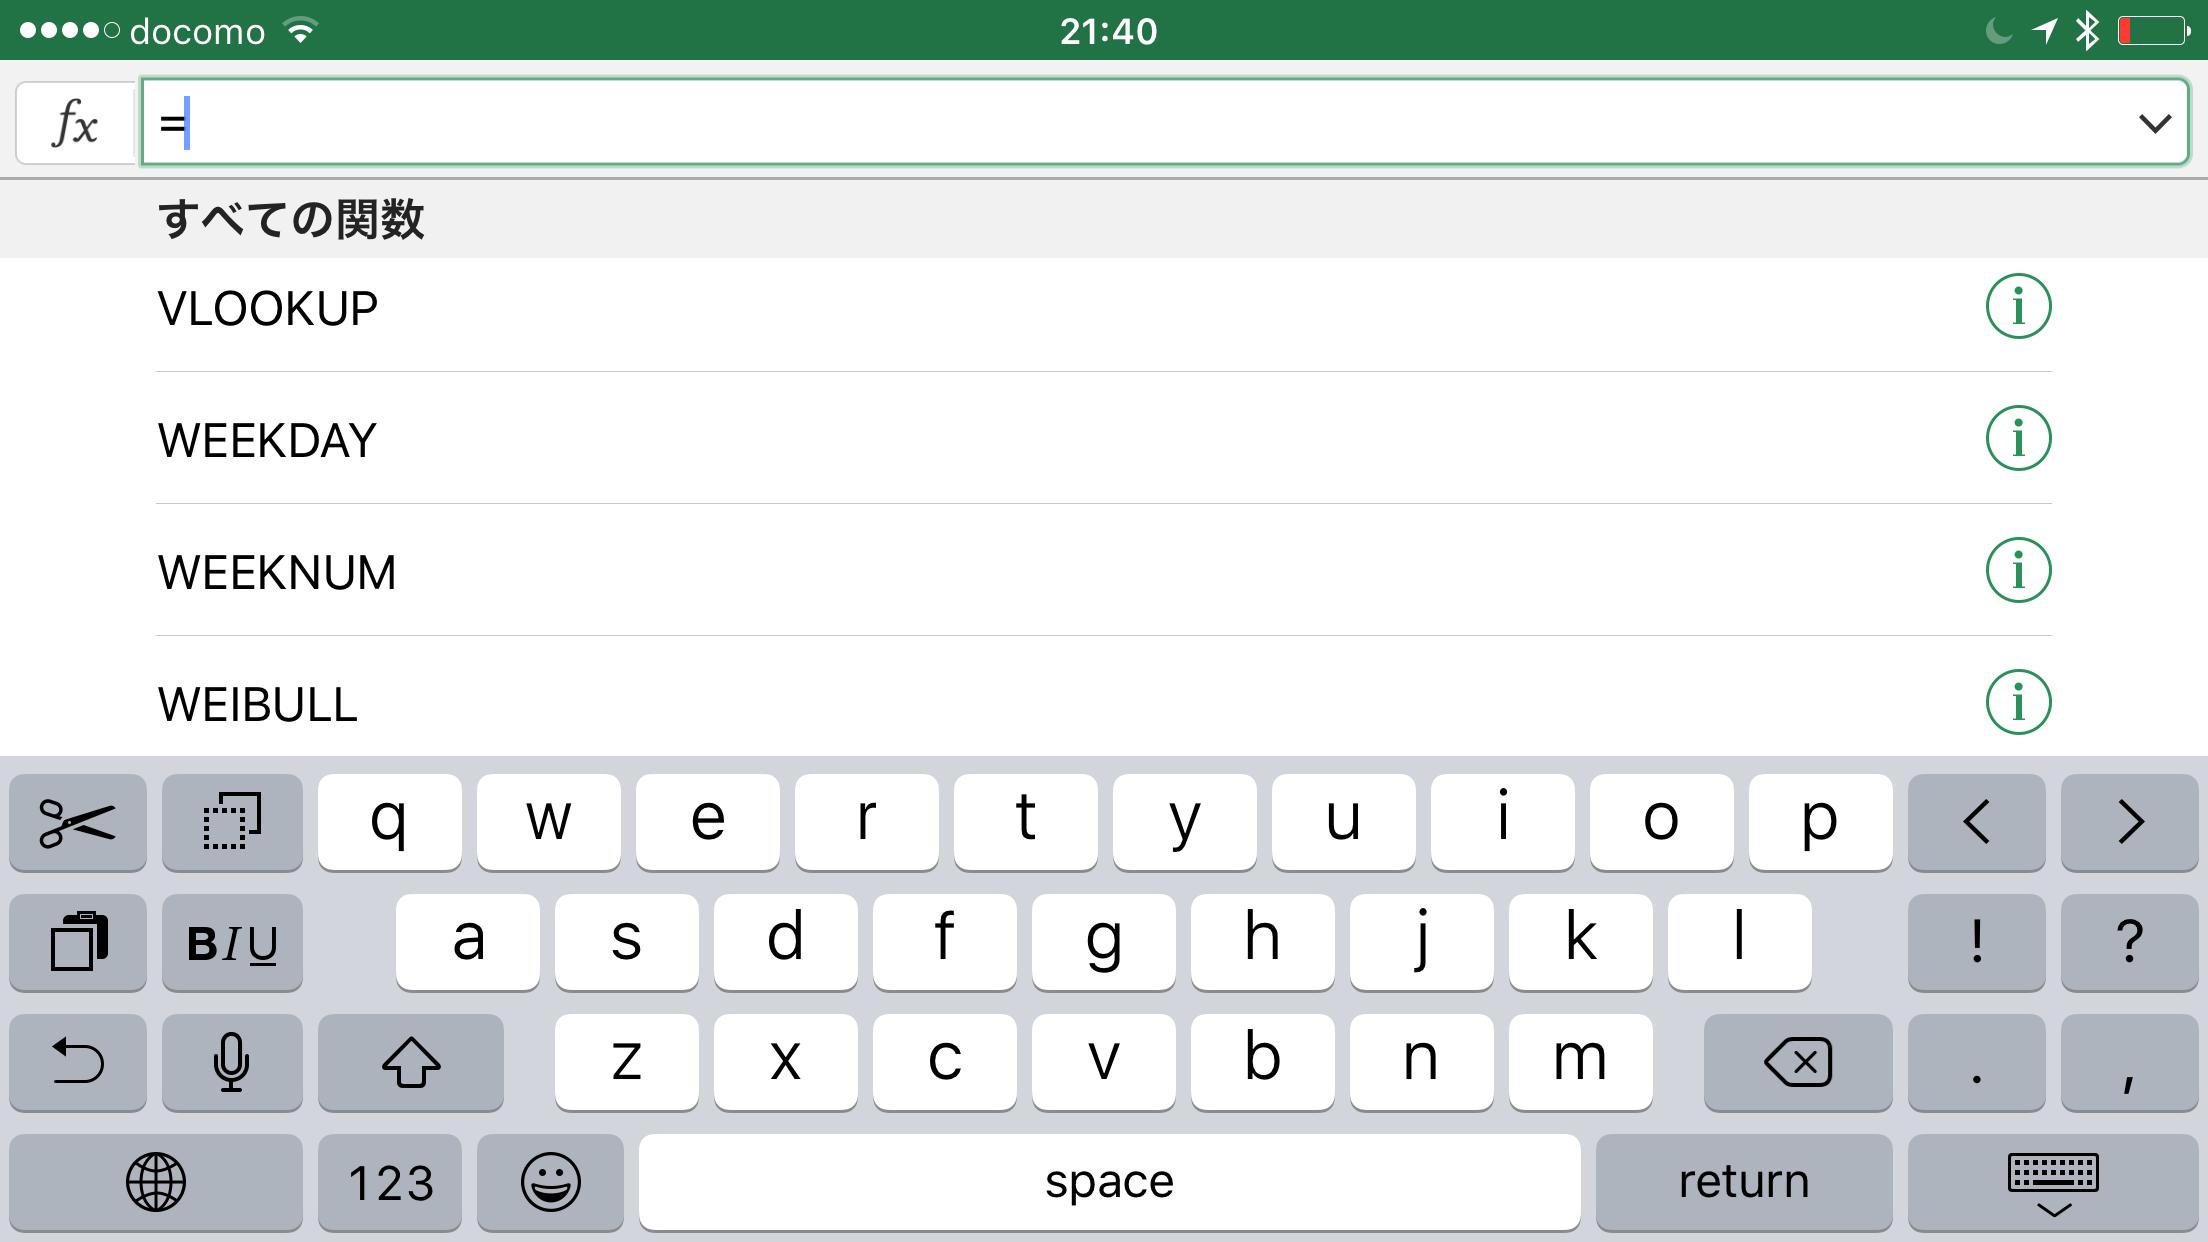 Excelアプリで関数入力